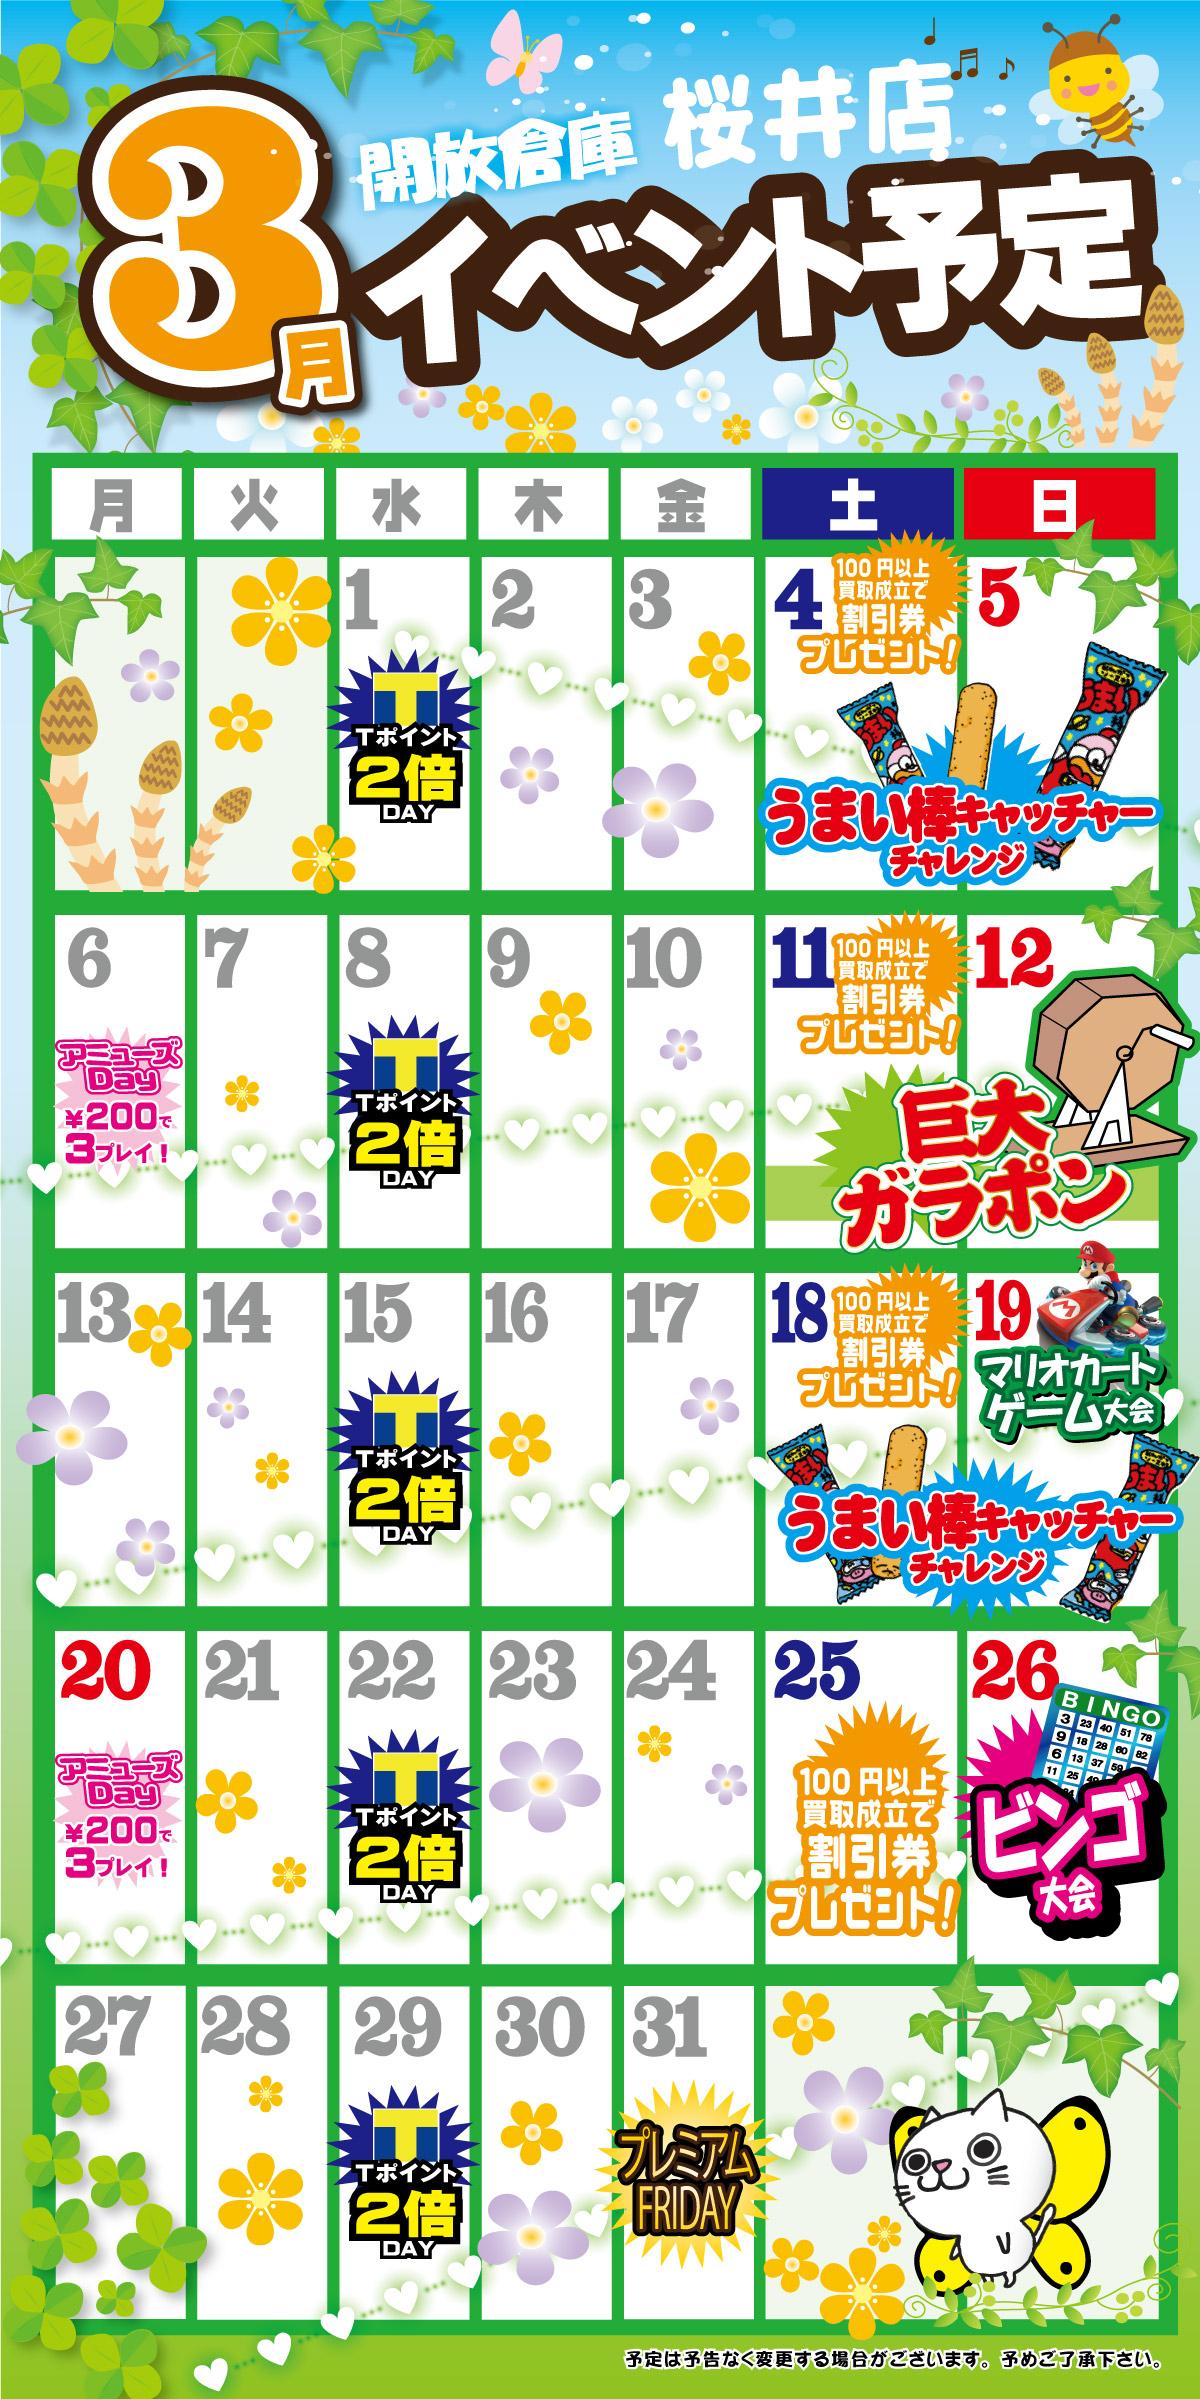 「開放倉庫桜井店」2017年3月イベントカレンダー更新!